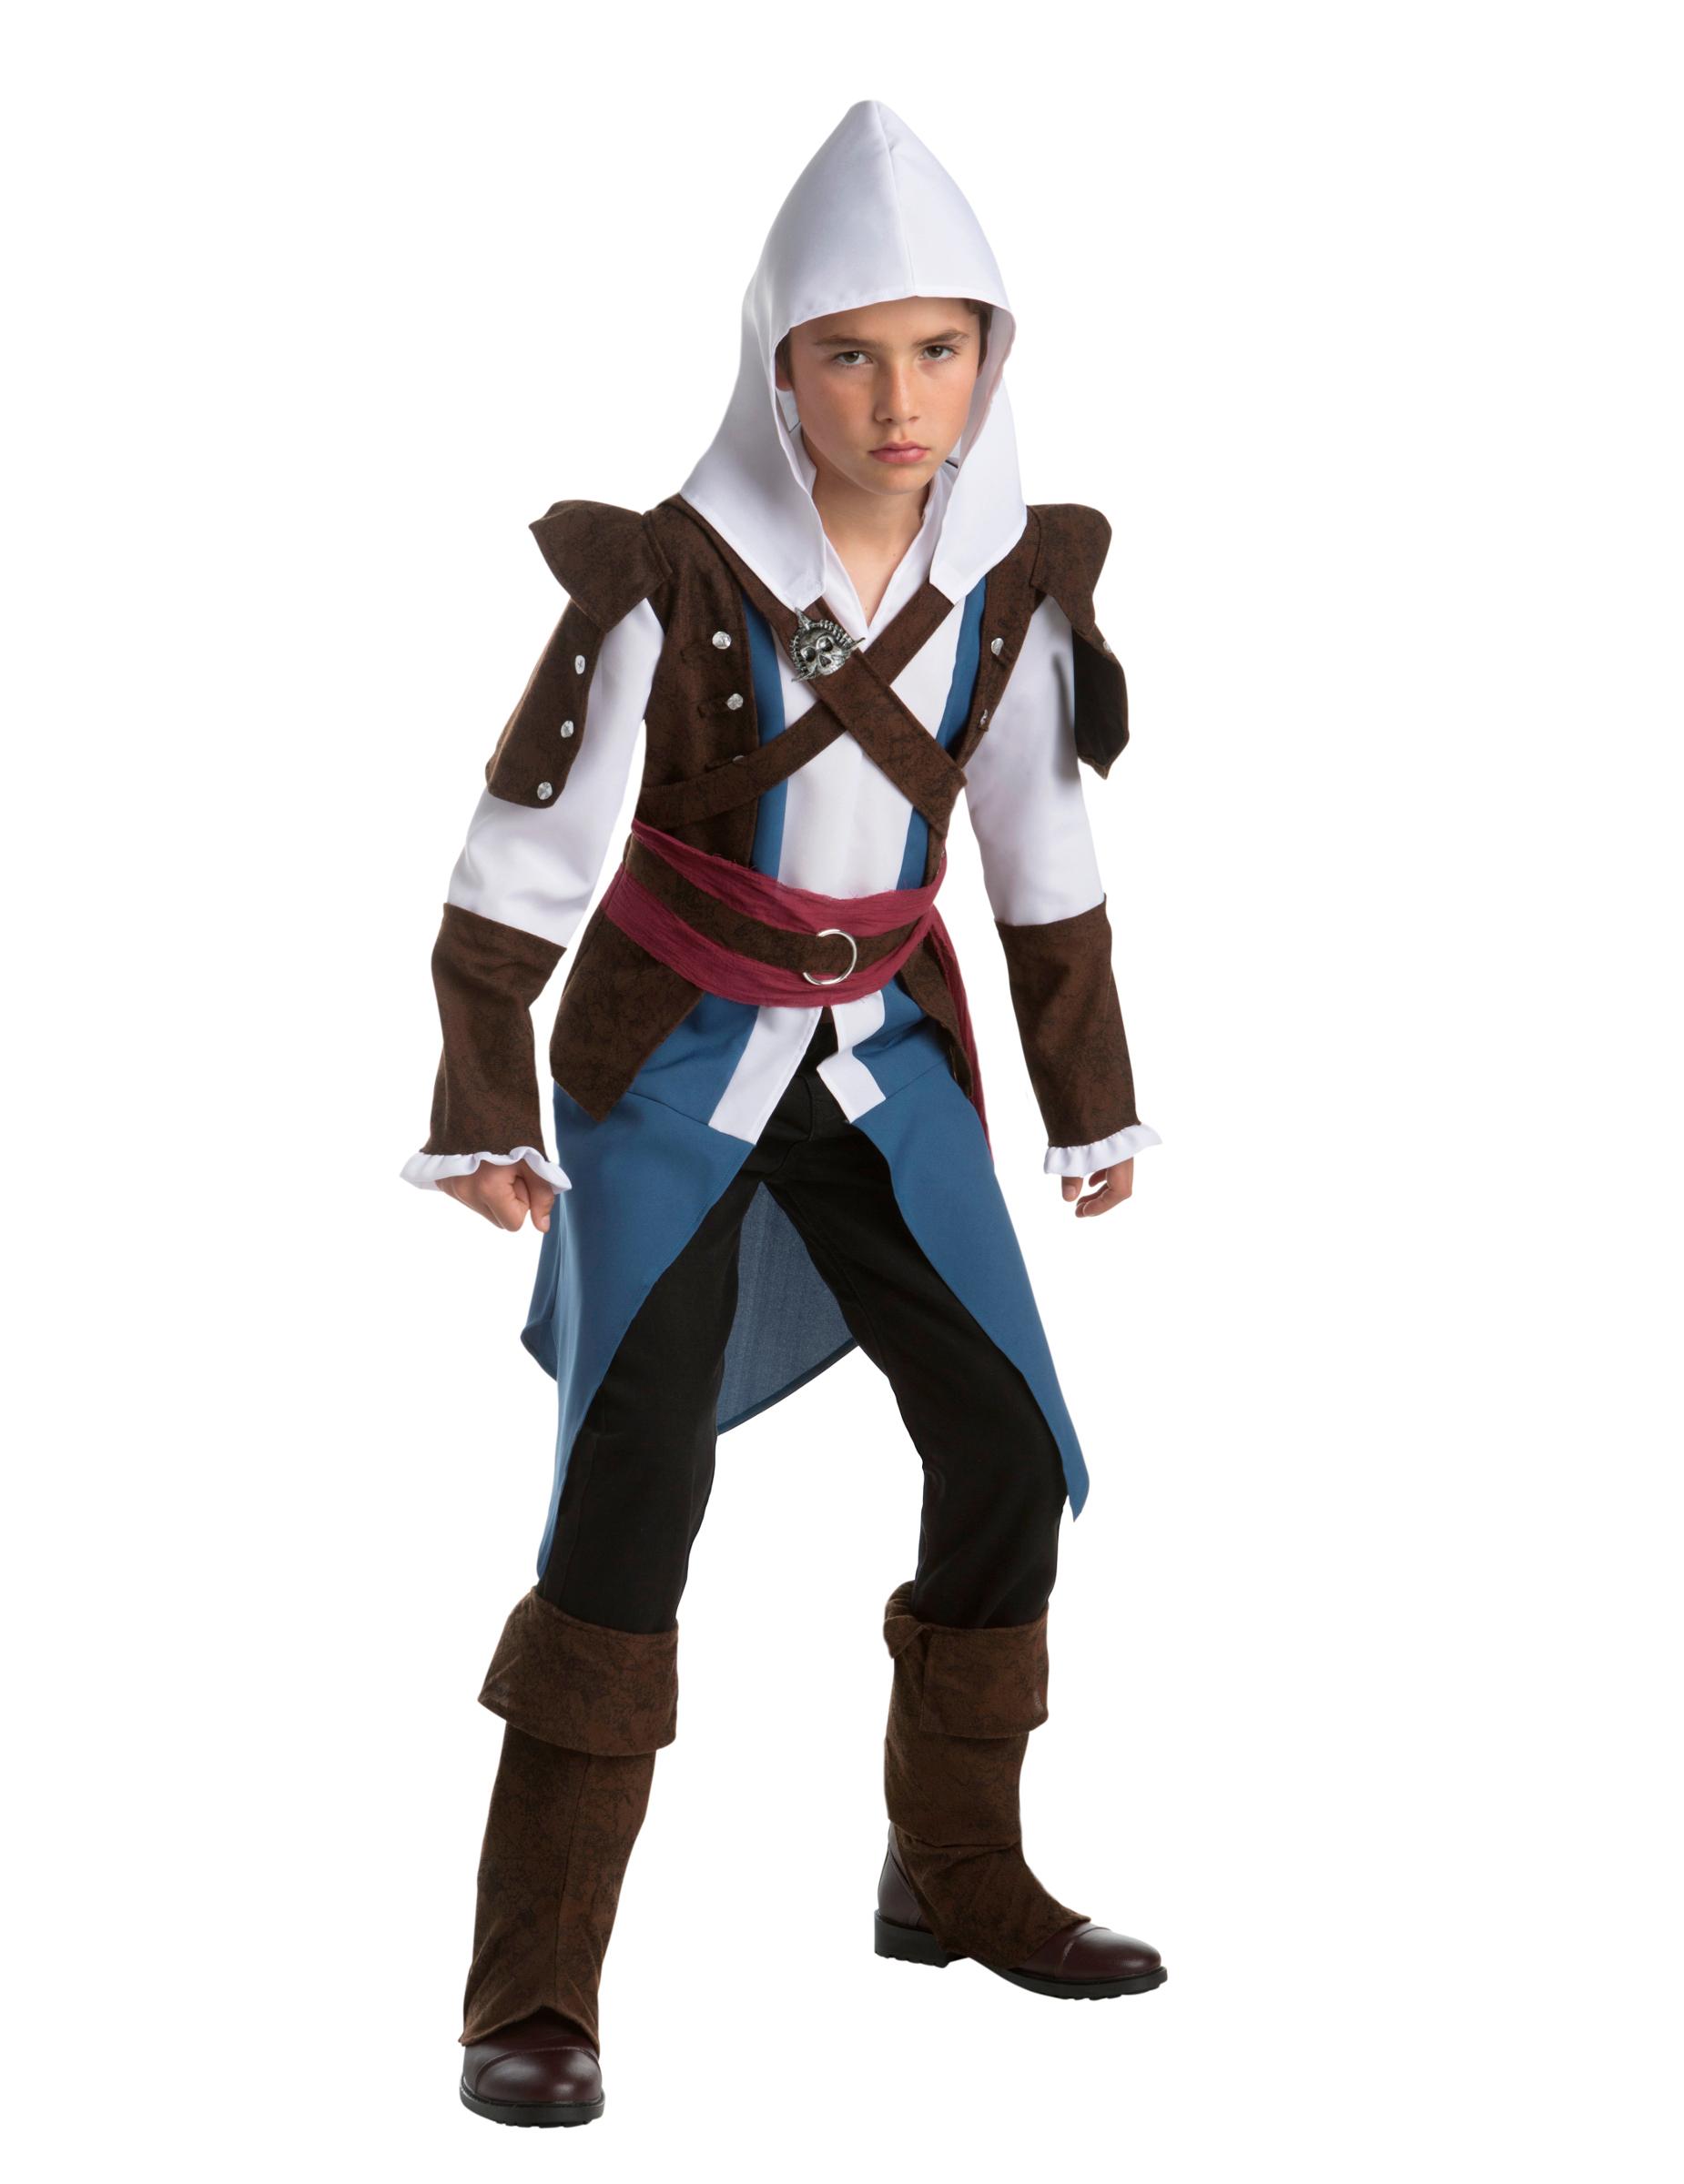 Costume classico Edward - Assassin's Creed™ adolescente ...